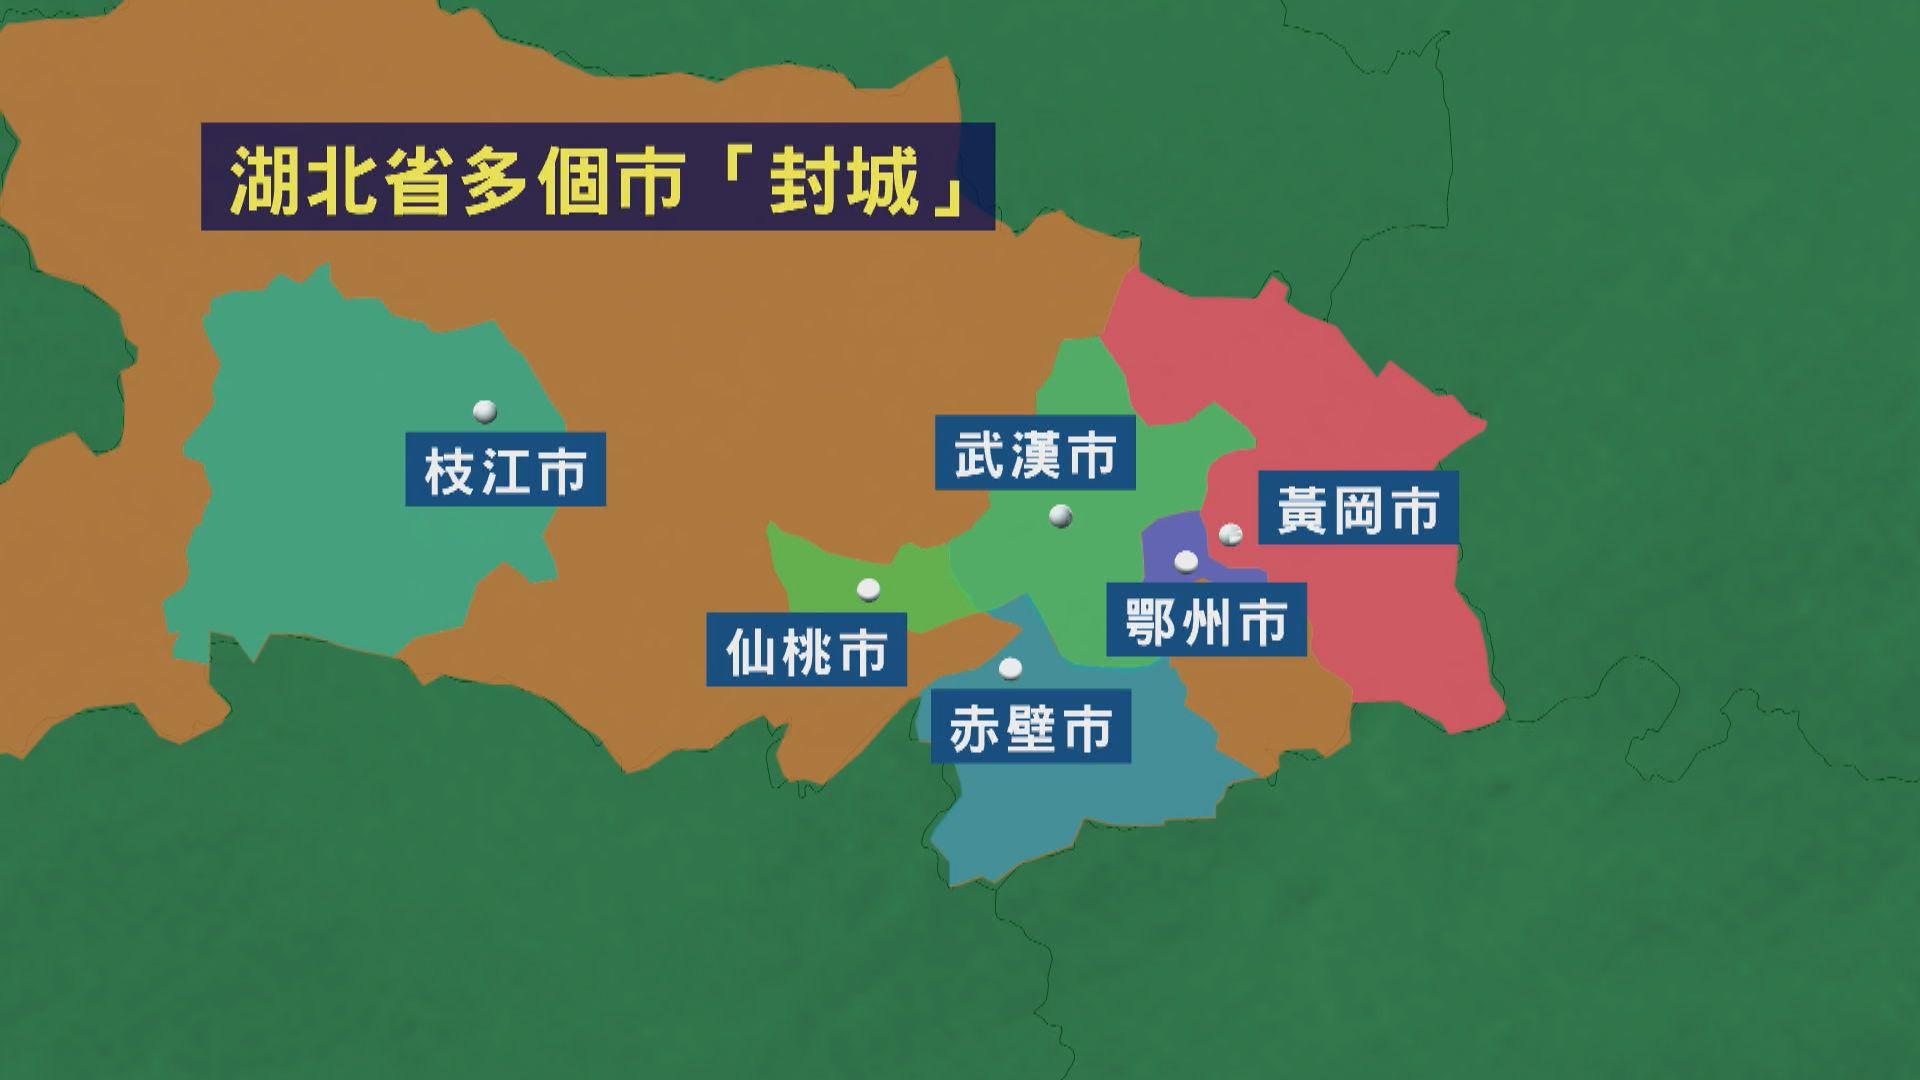 武漢鄰近五市相繼宣布「封城」